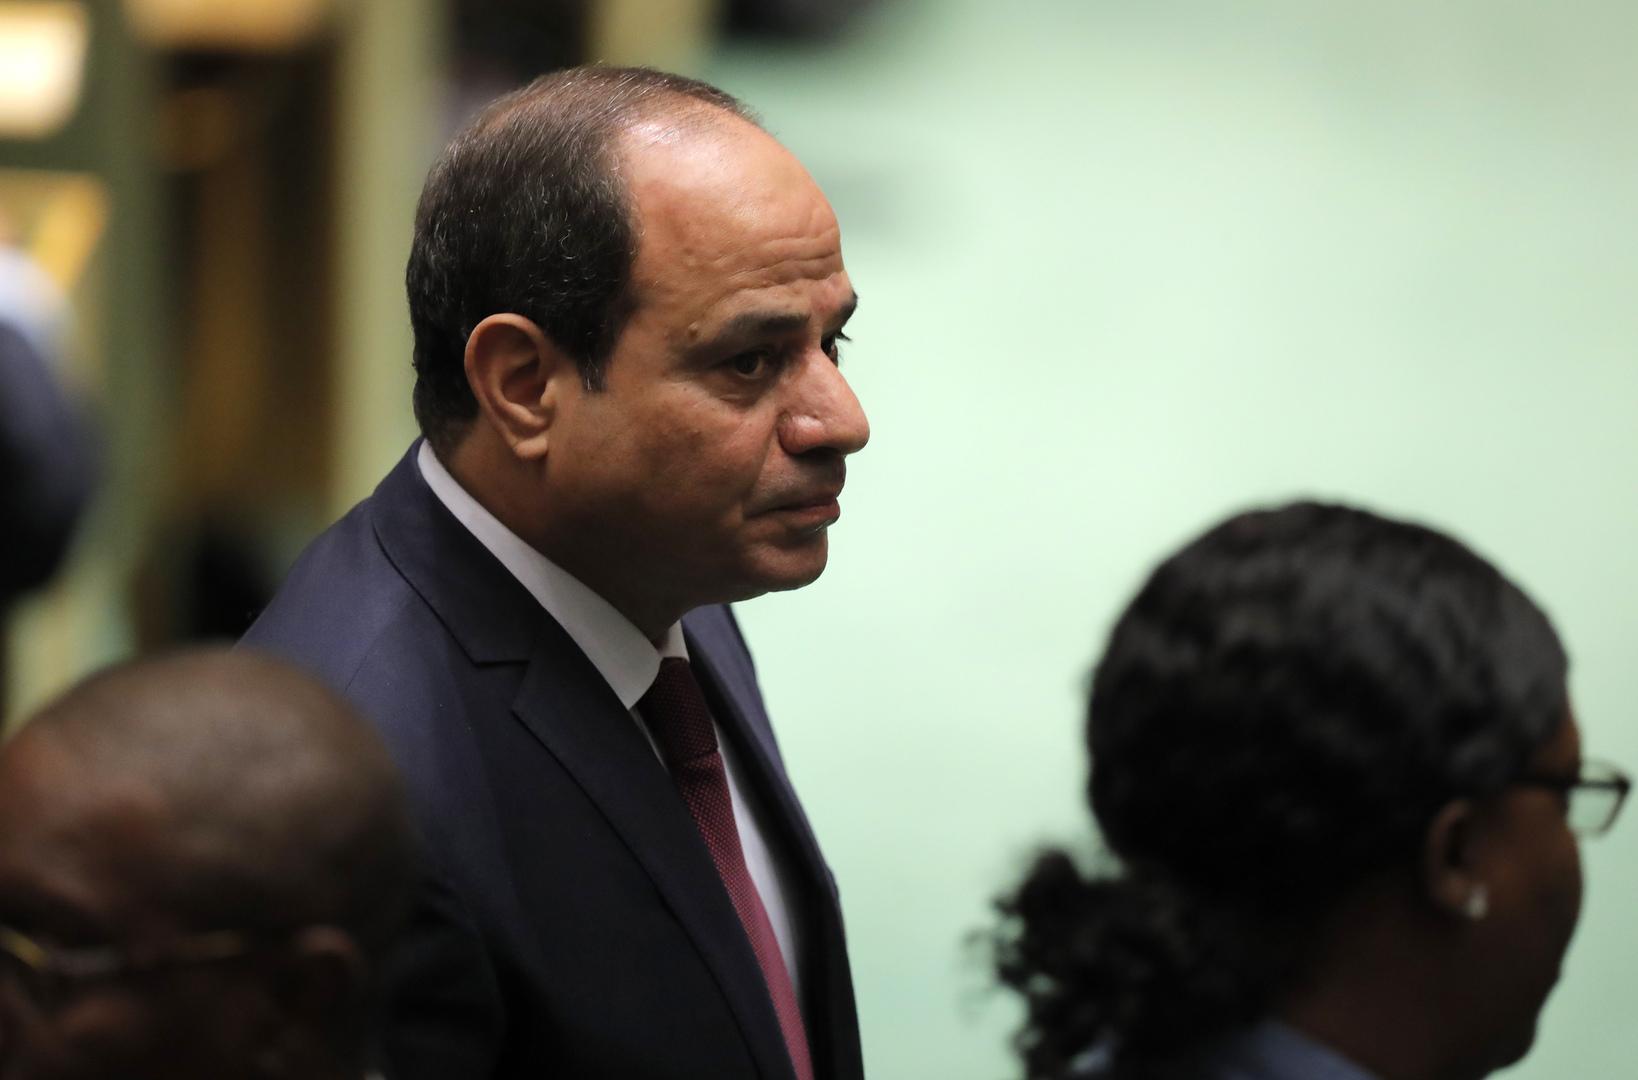 لماذا قرر السيسي تعيين مستشار عسكري لكل محافظة لأول مرة في تاريخ مصر؟